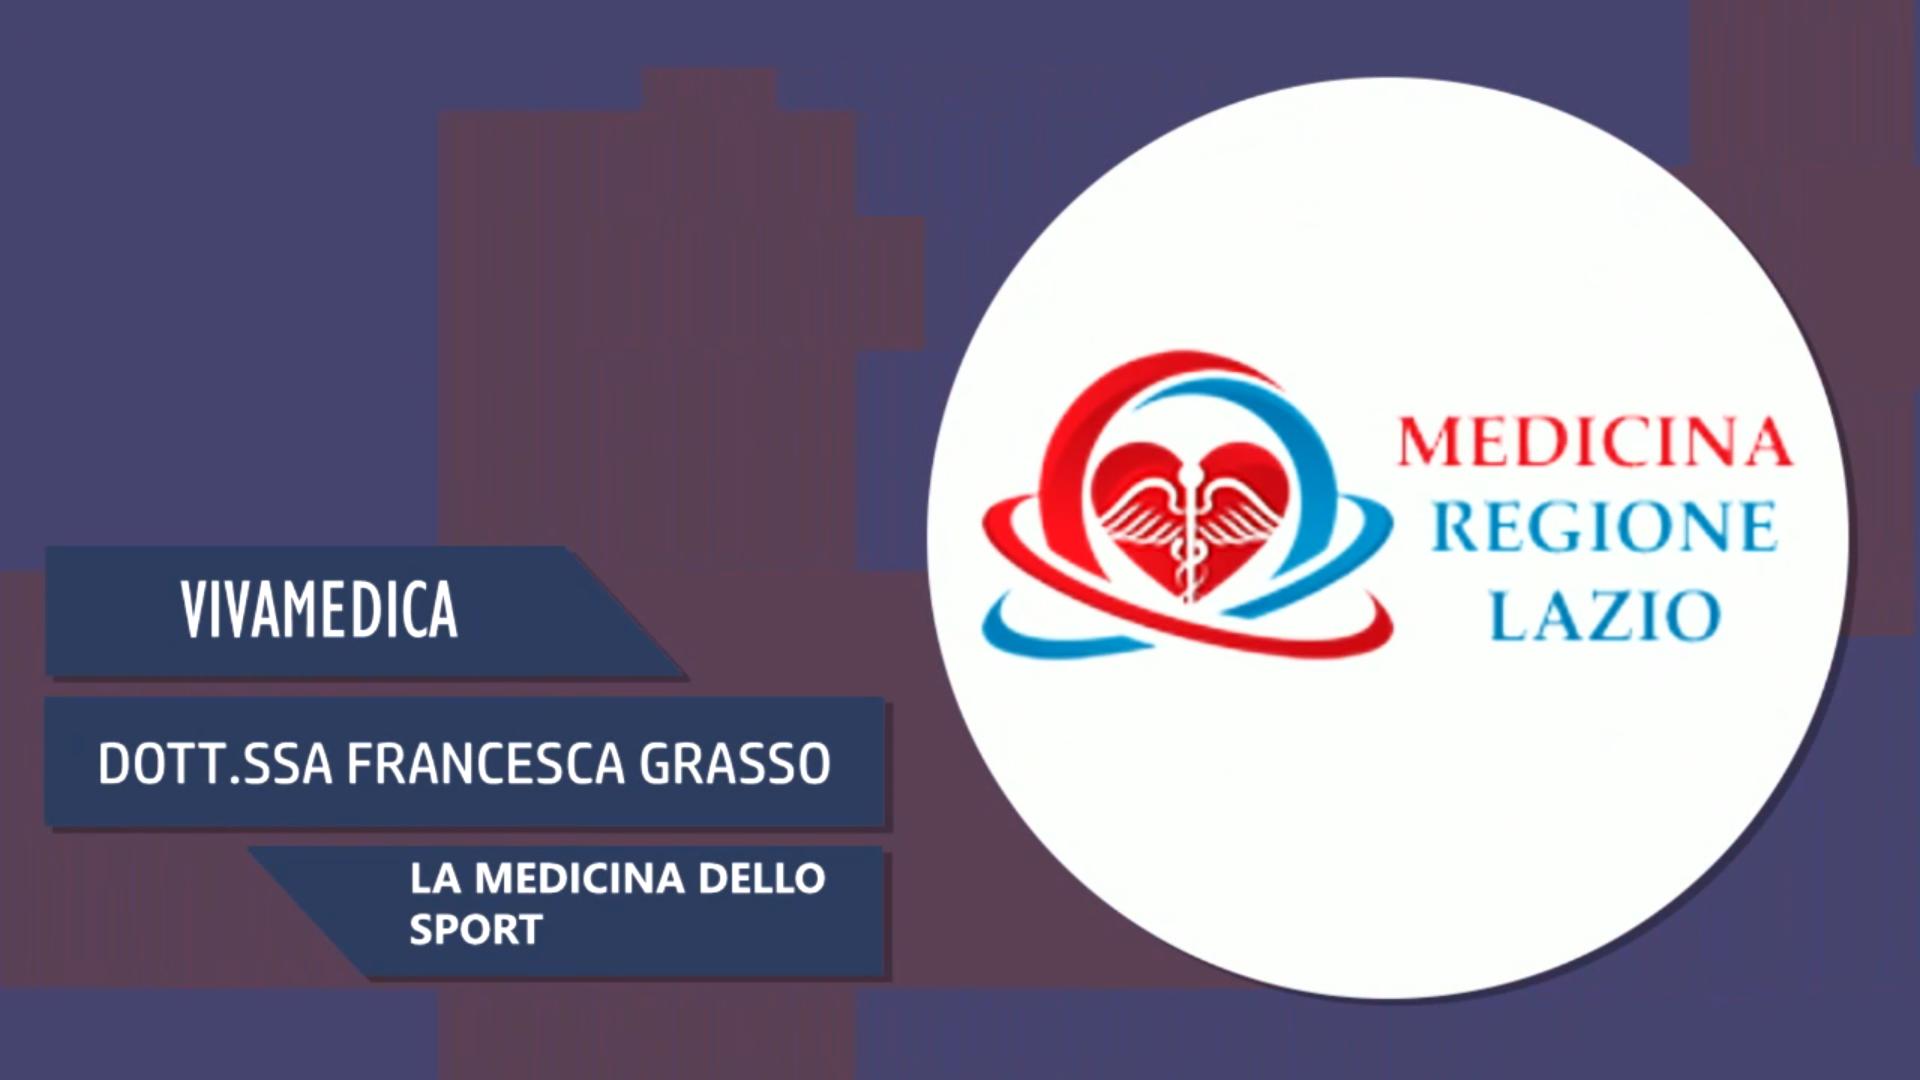 Intervista alla Dott.ssa Francesca Grasso – La medicina dello sport